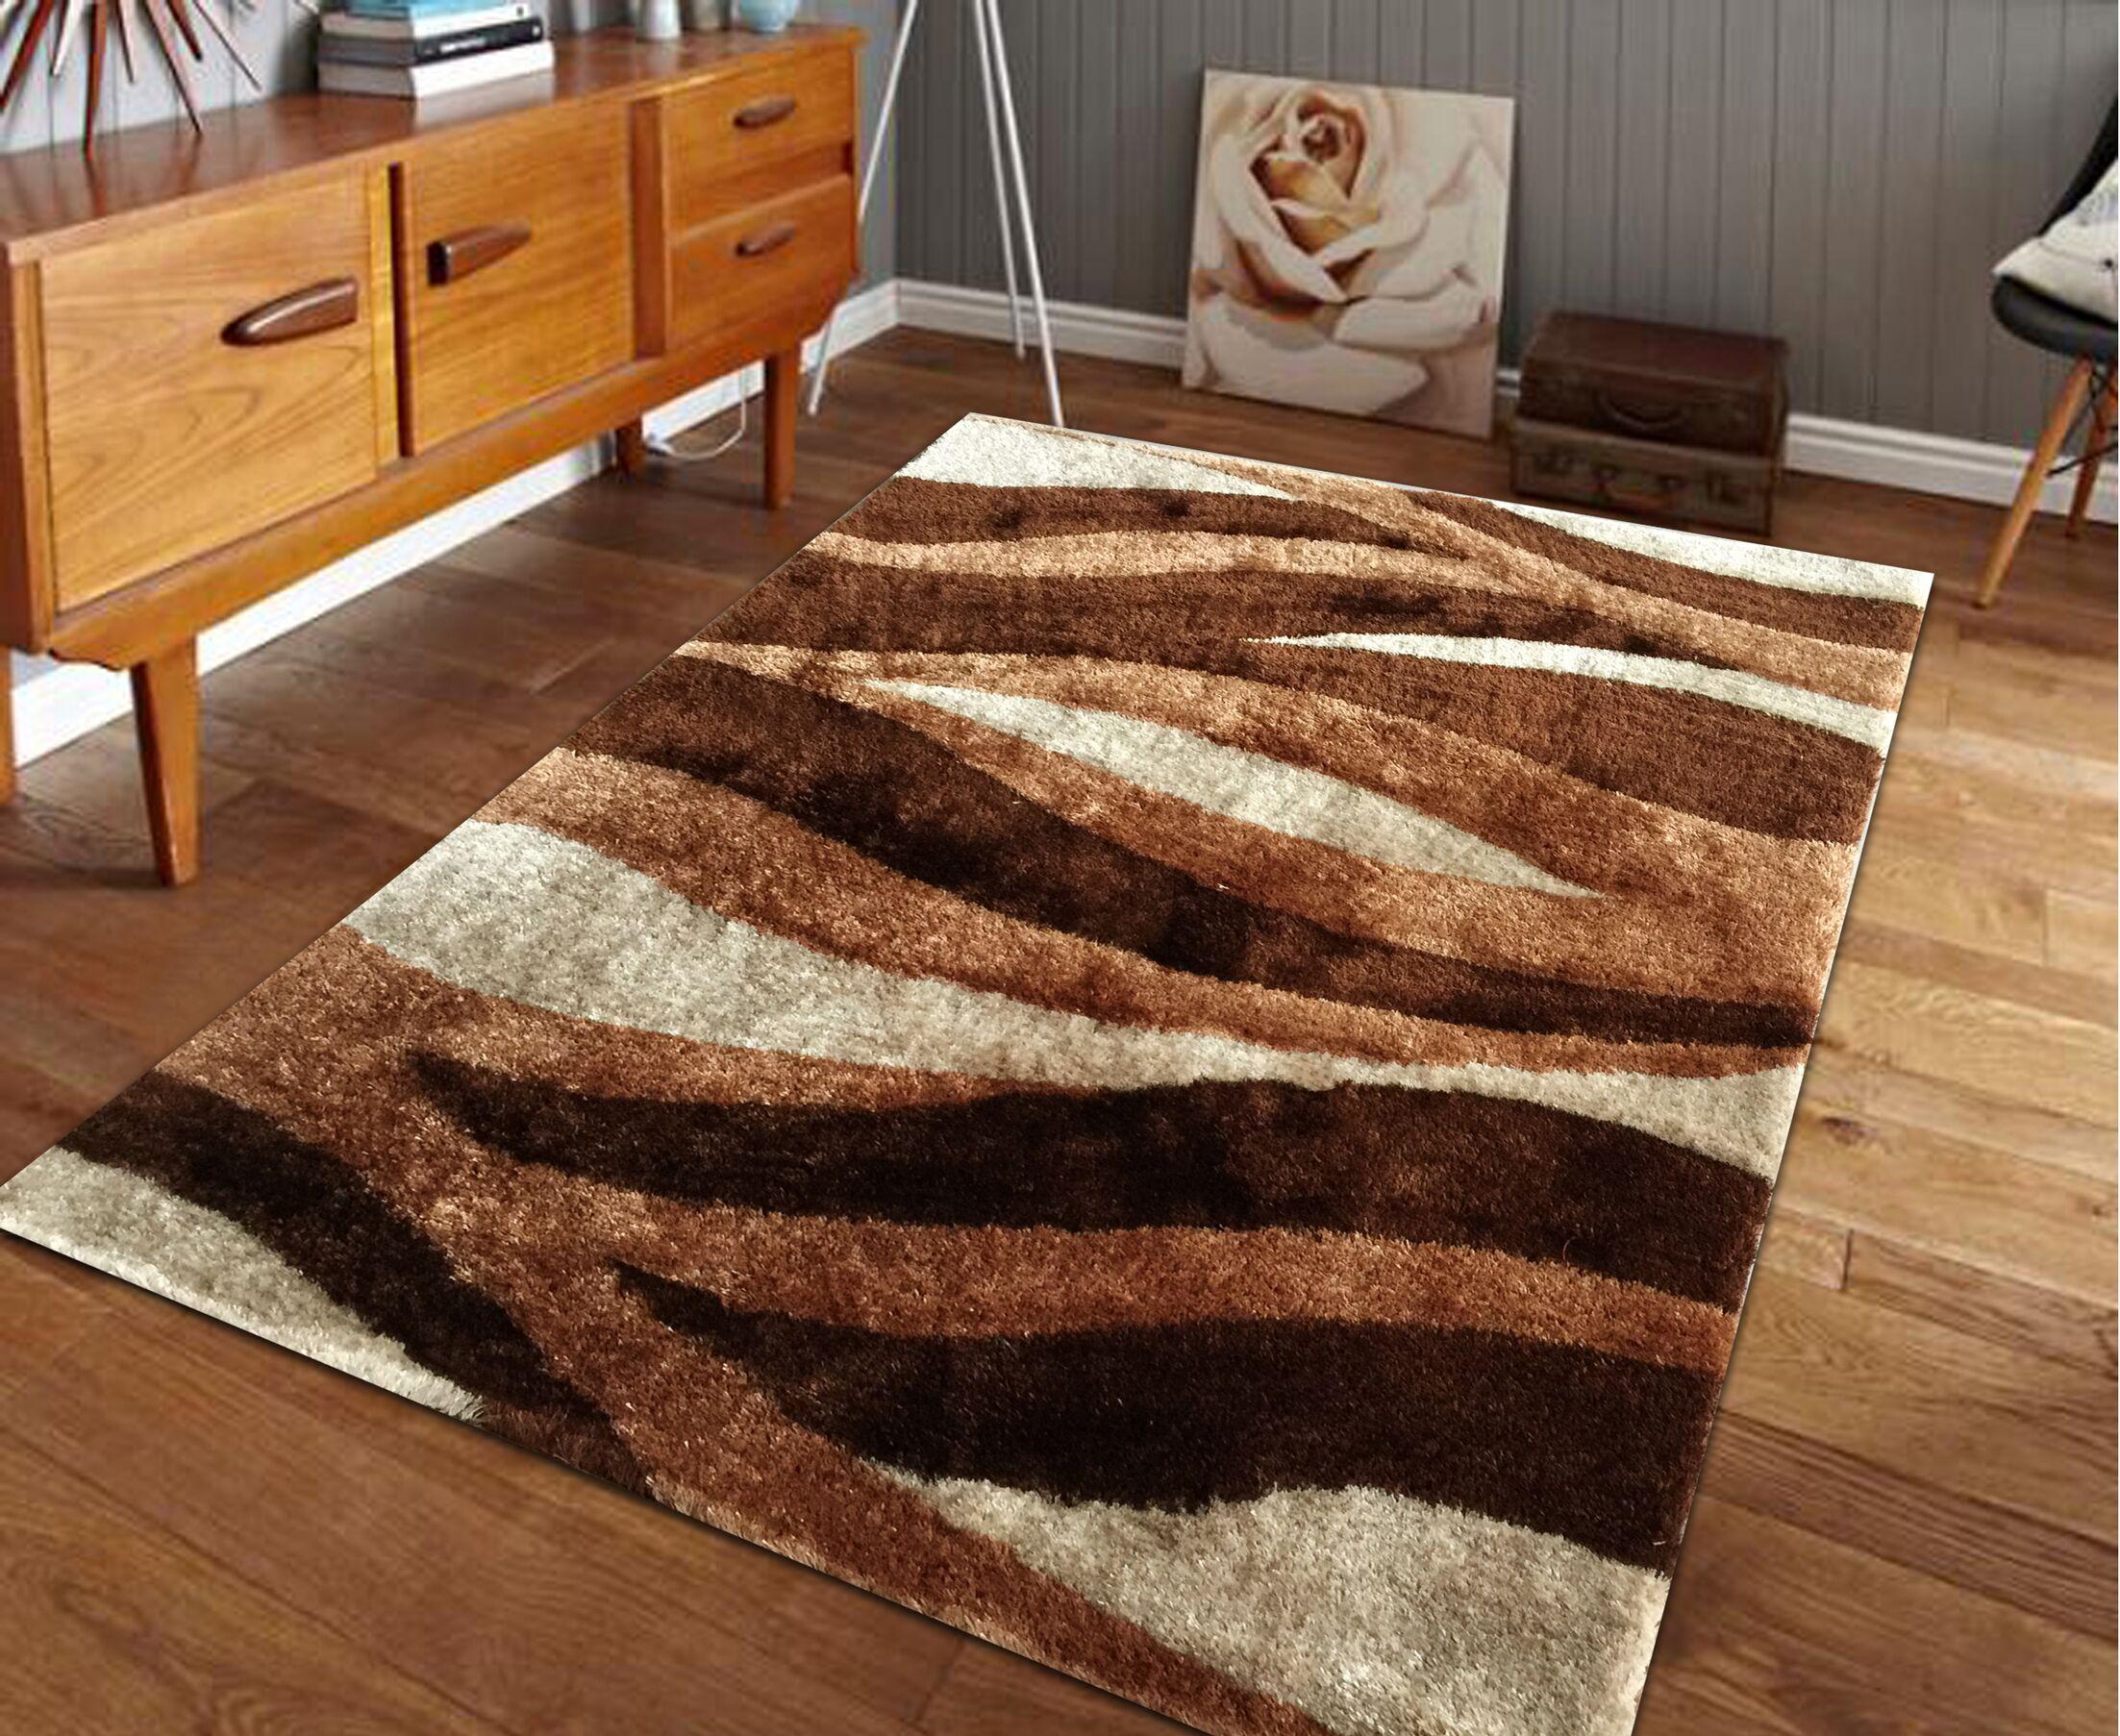 Lo-La Hand-Tufted Brown Indoor/Outdoor Area Rug Rug Size: 8' x 11'